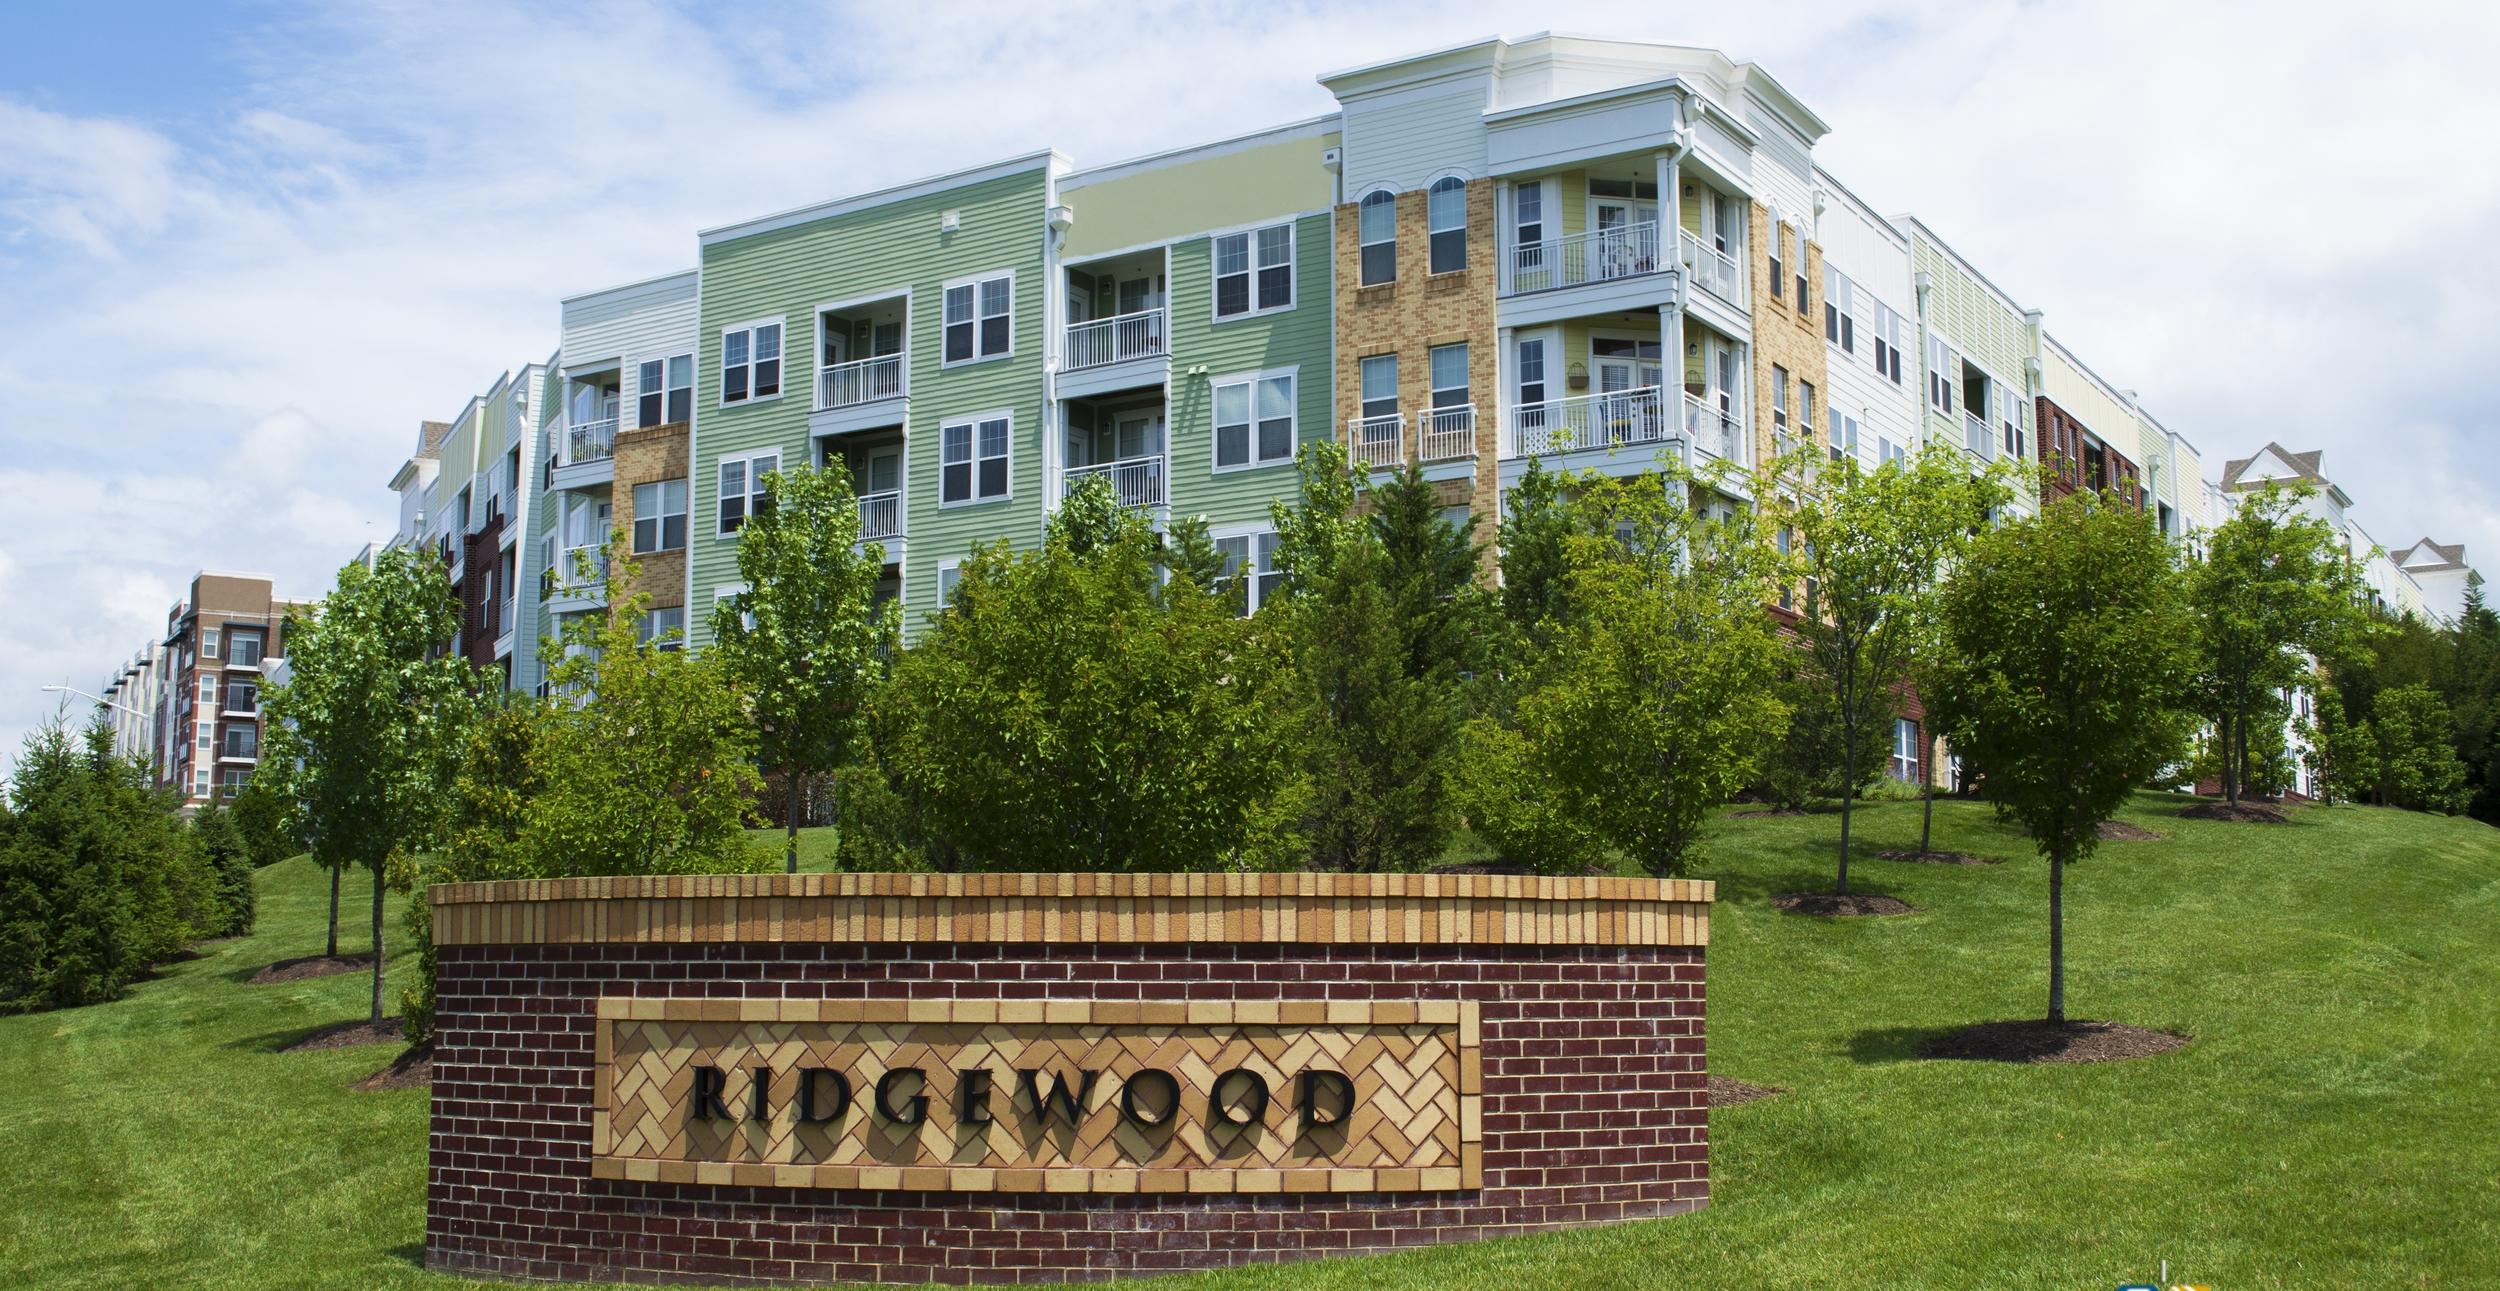 Ridgewood 2.jpg